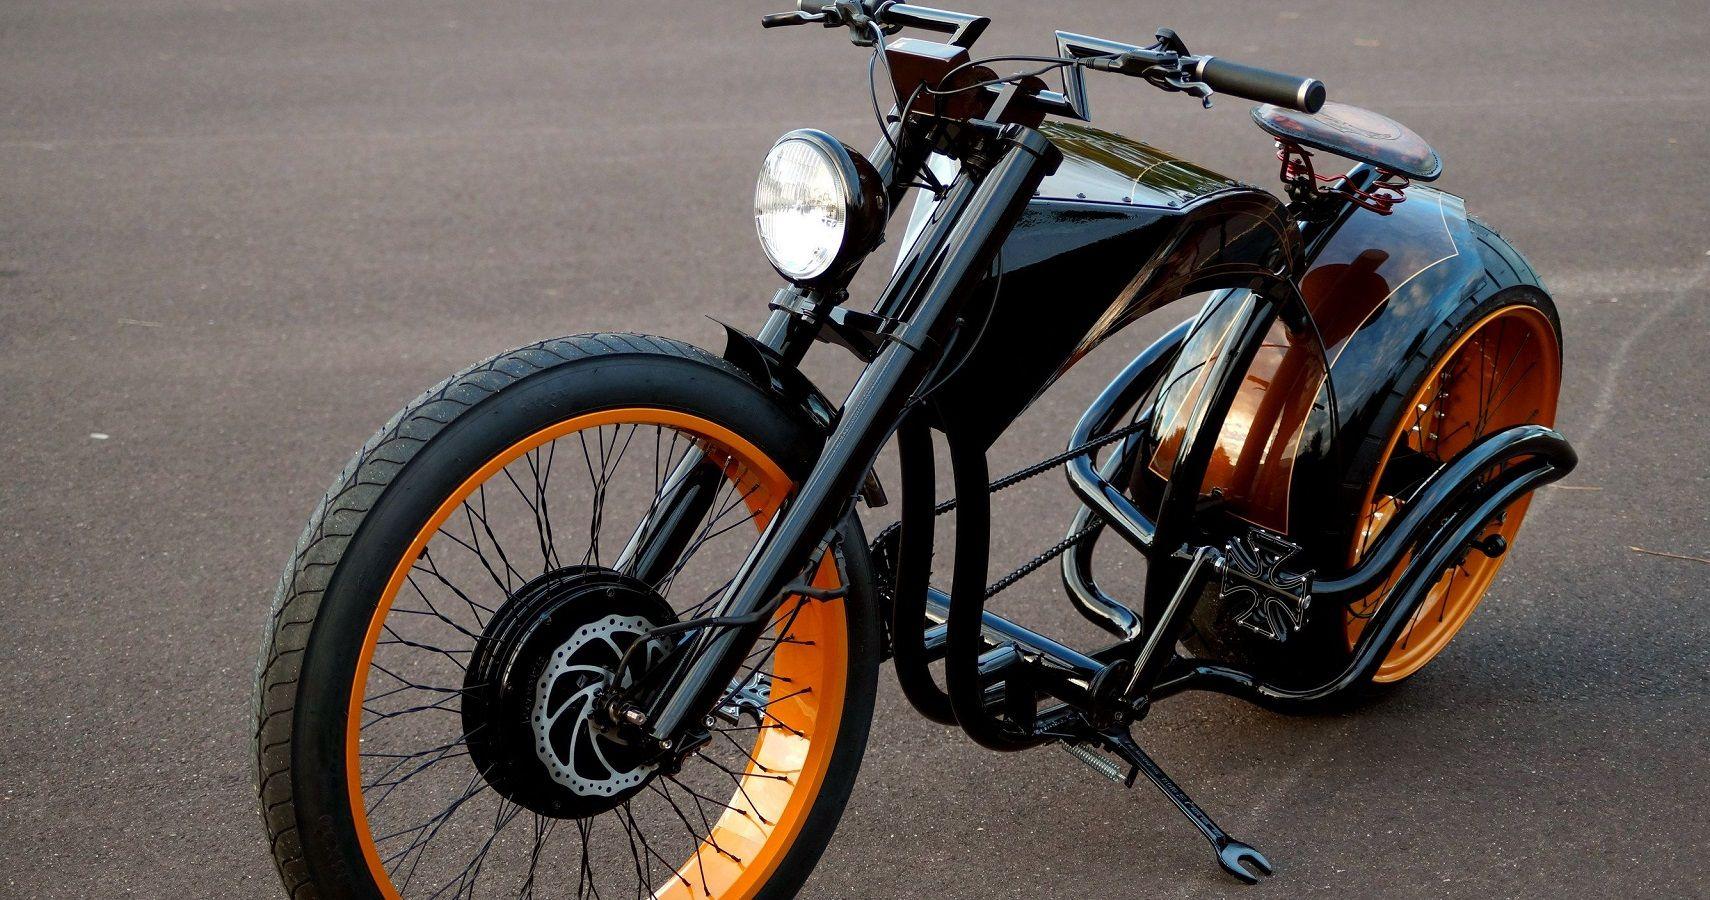 Harley E Bike